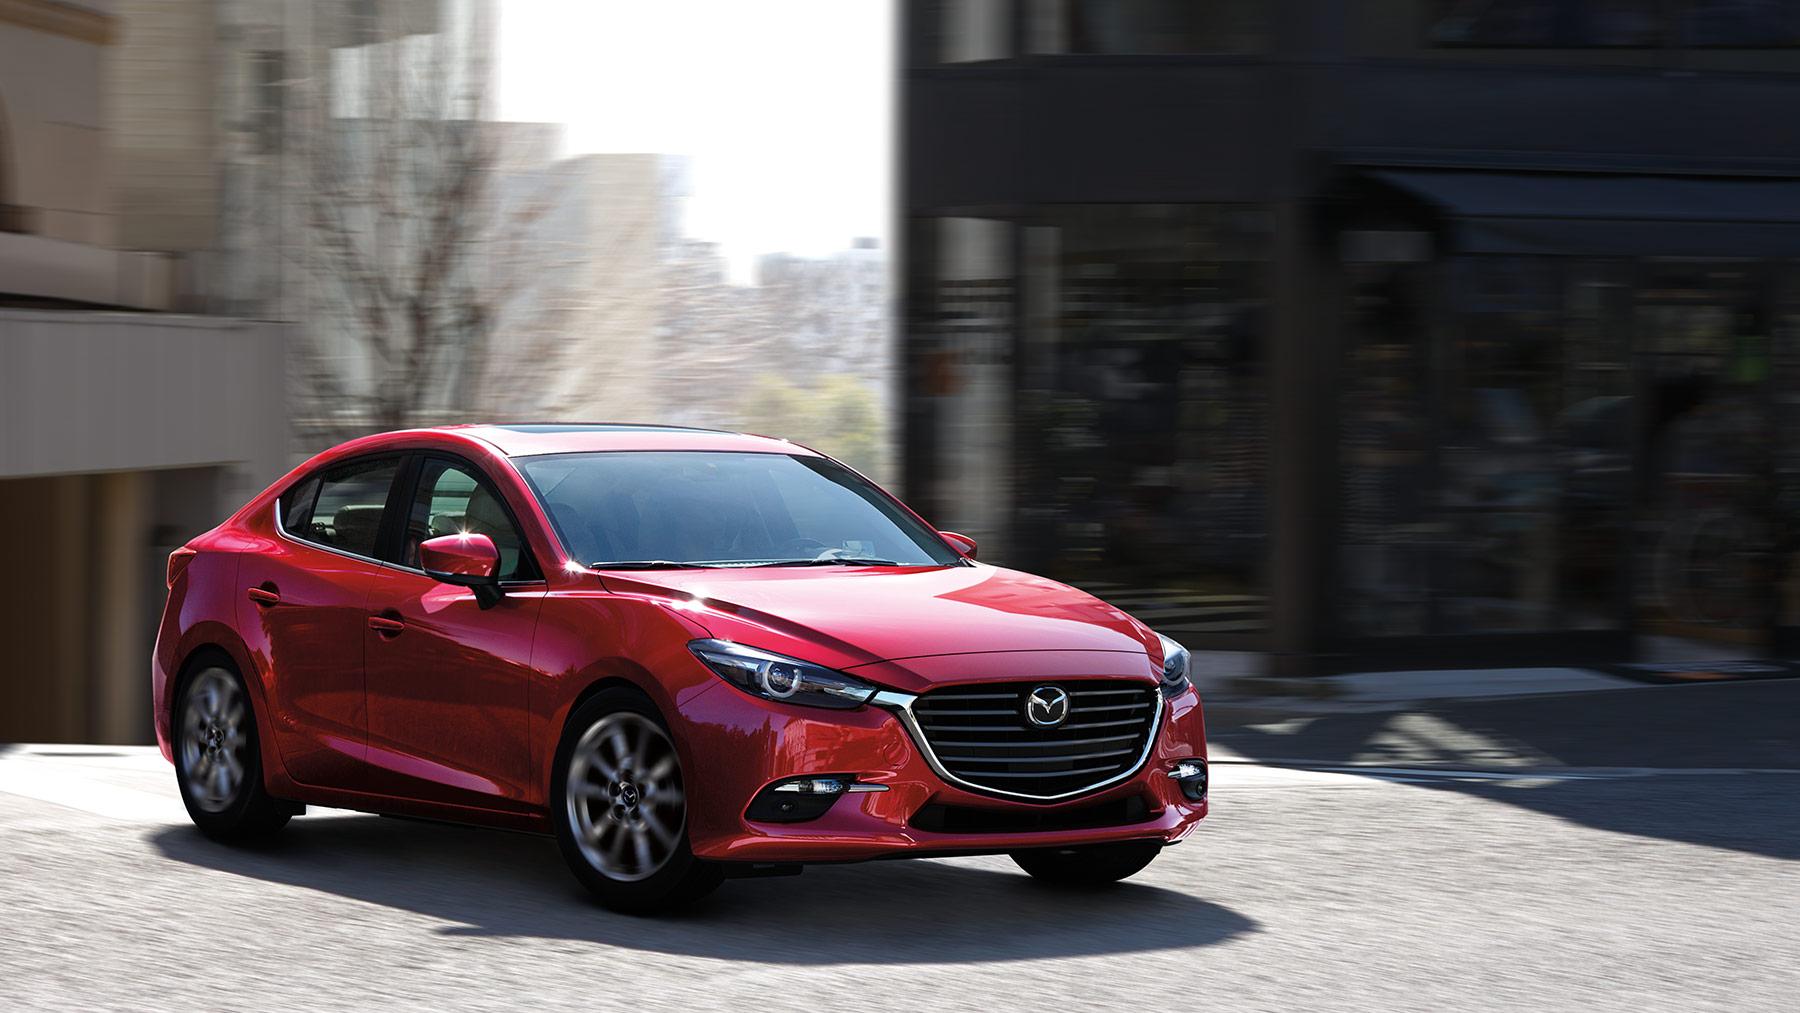 2018 Mazda 3 4-door Front Red Exterior